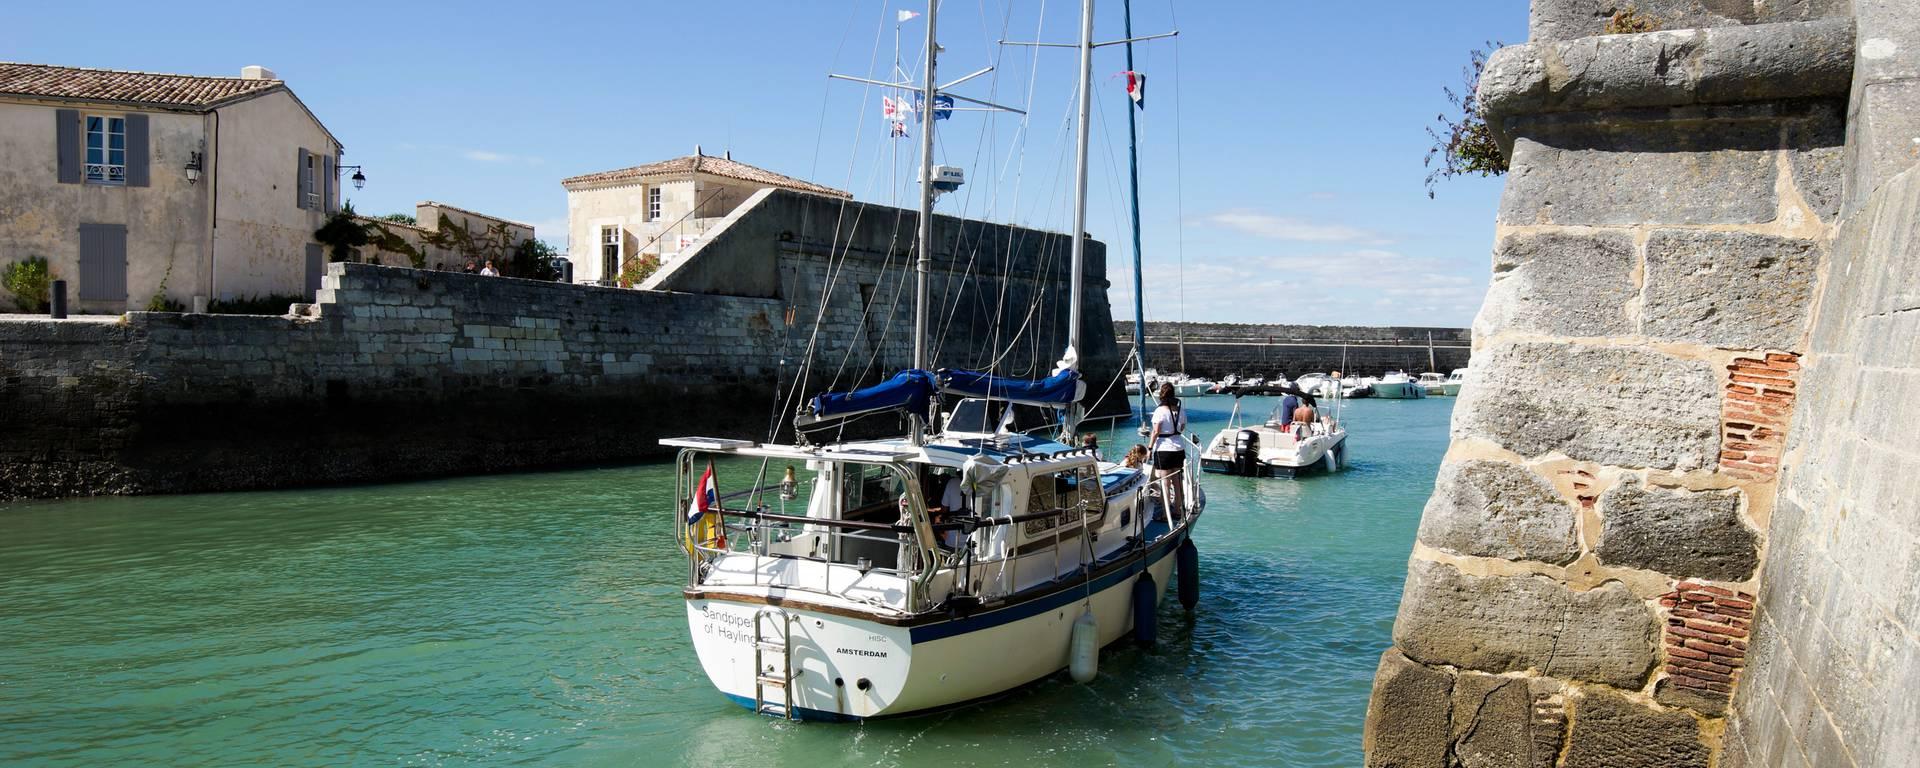 Bateau sur le port de Saint-Martin-de-Ré par Yann Werdefroy